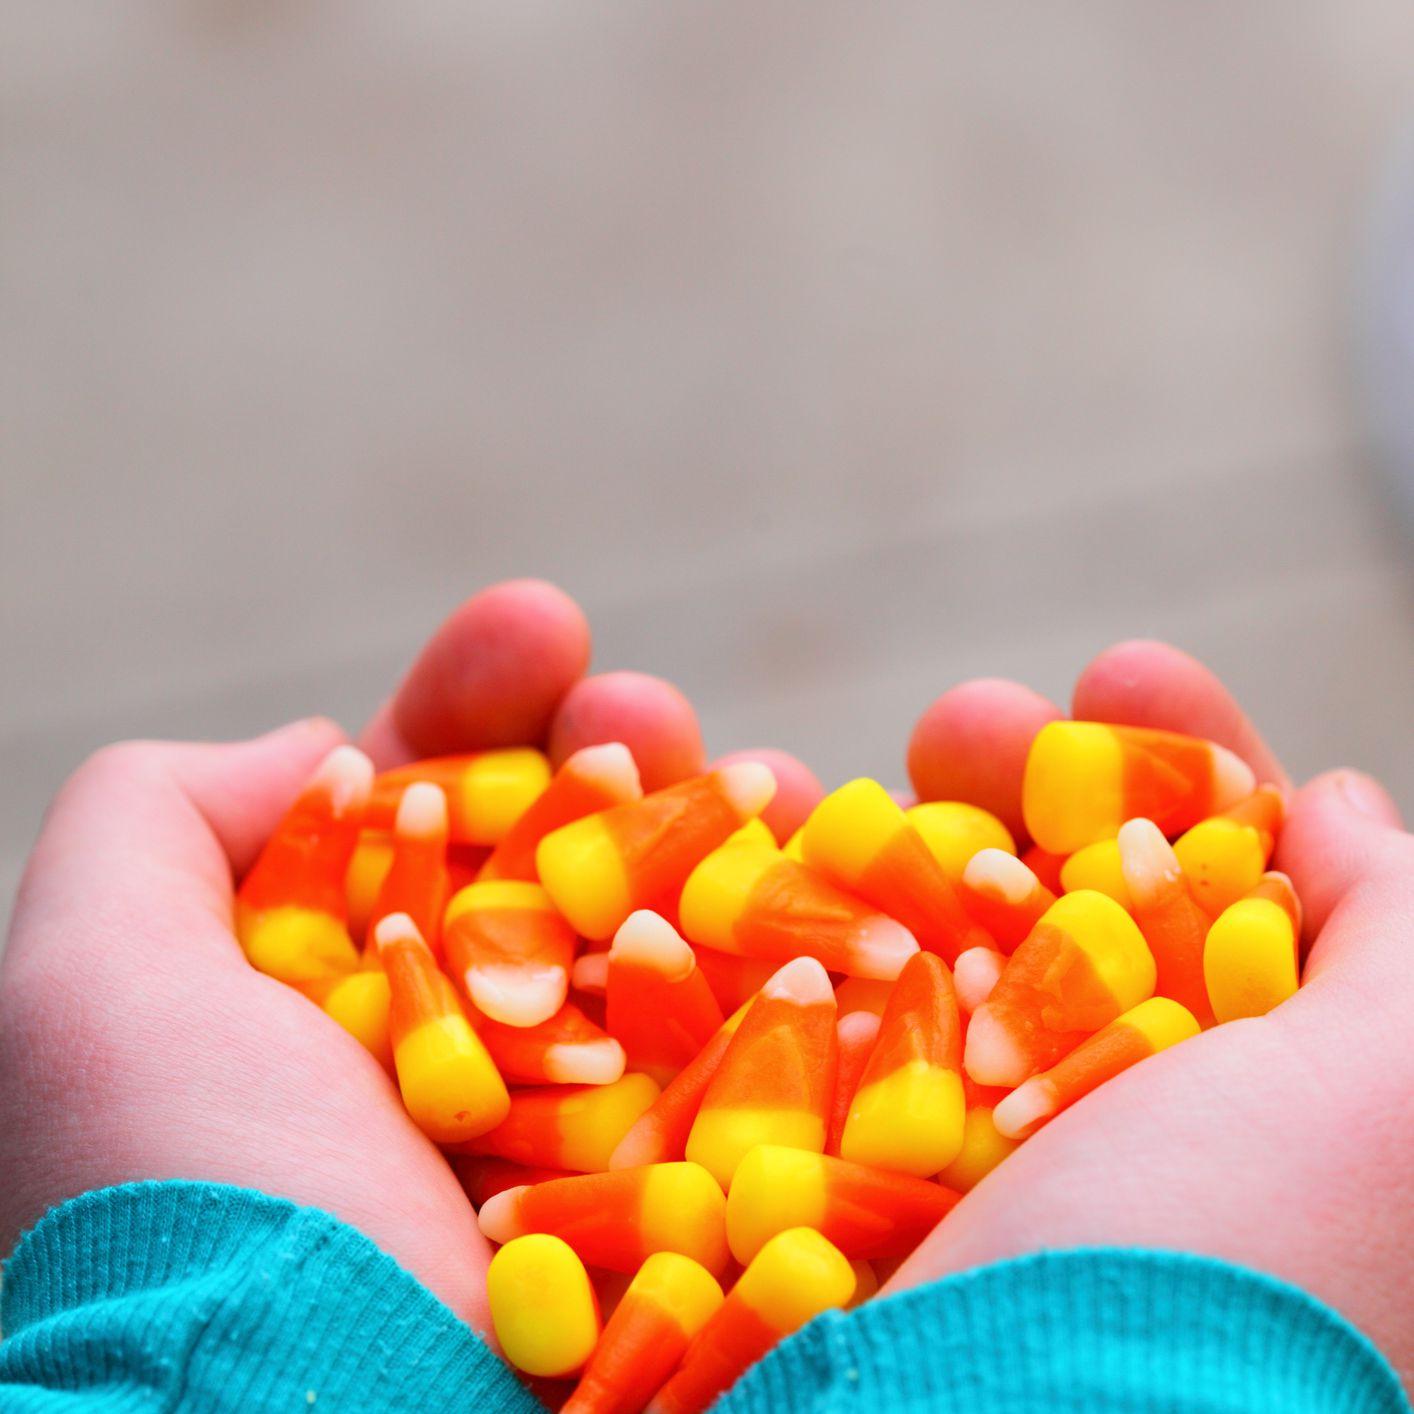 Sosteniendo maíz dulce